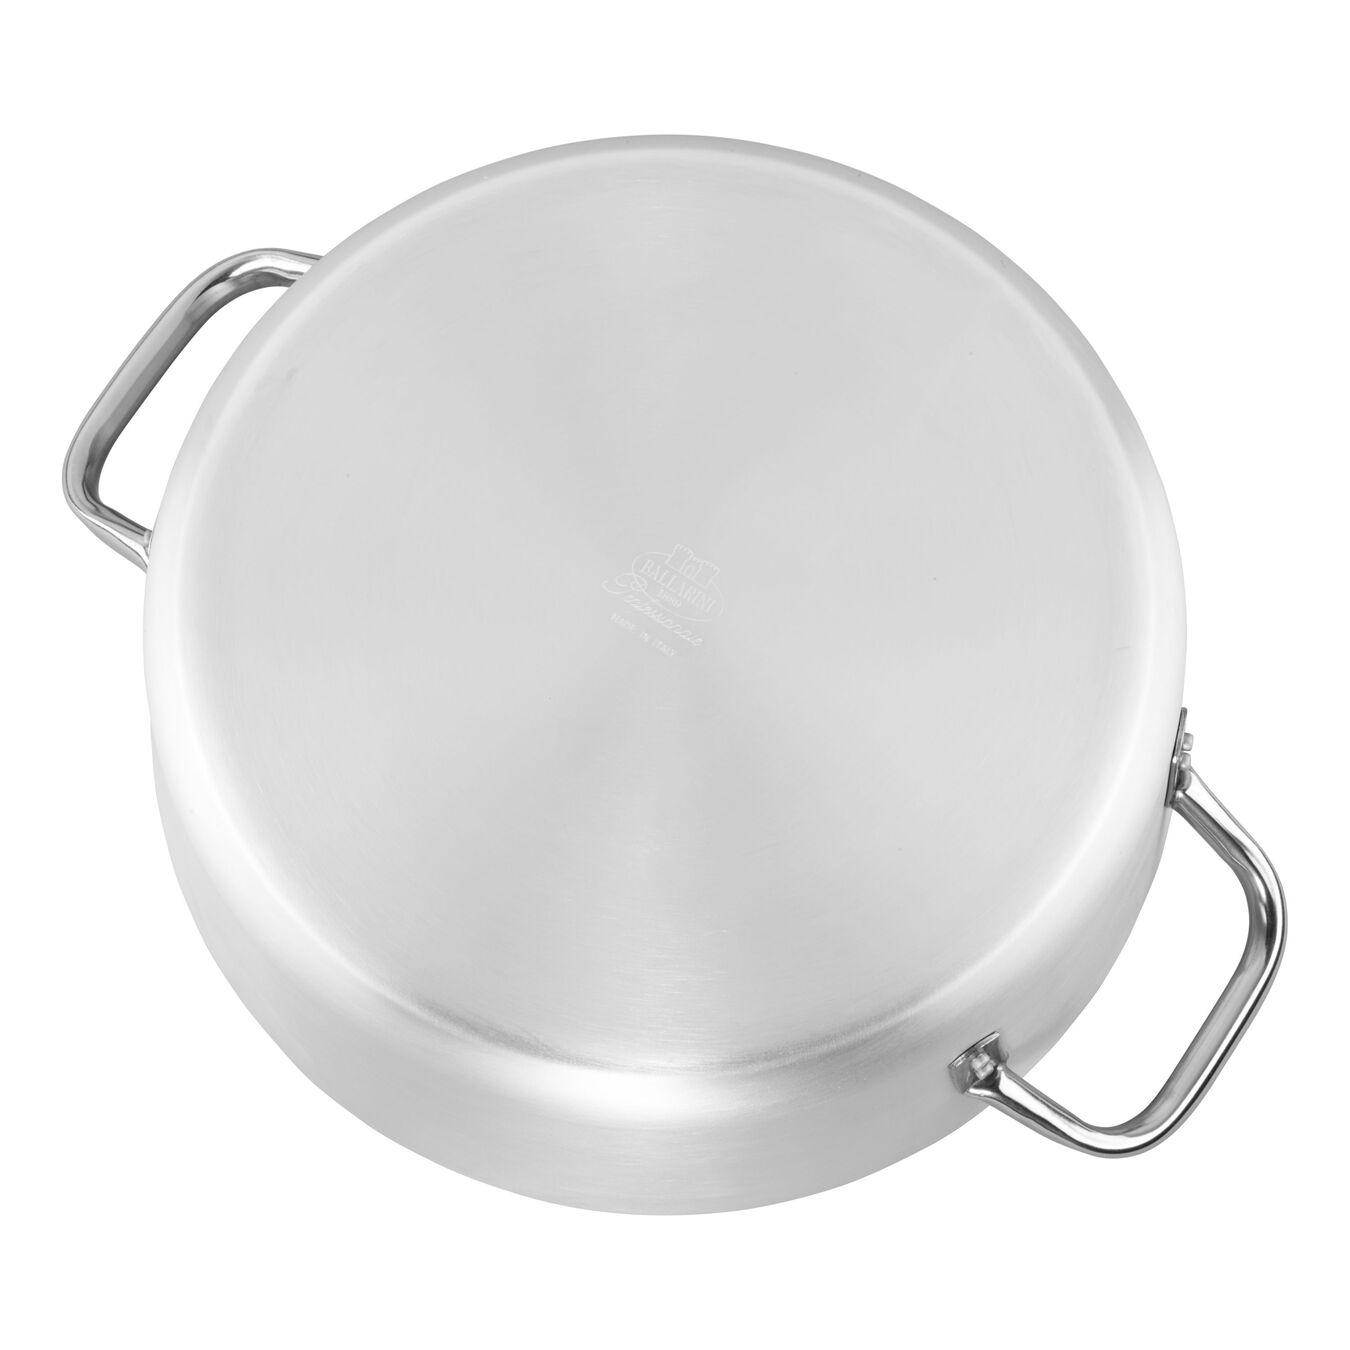 16-inch Saute pan, Aluminium ,,large 2